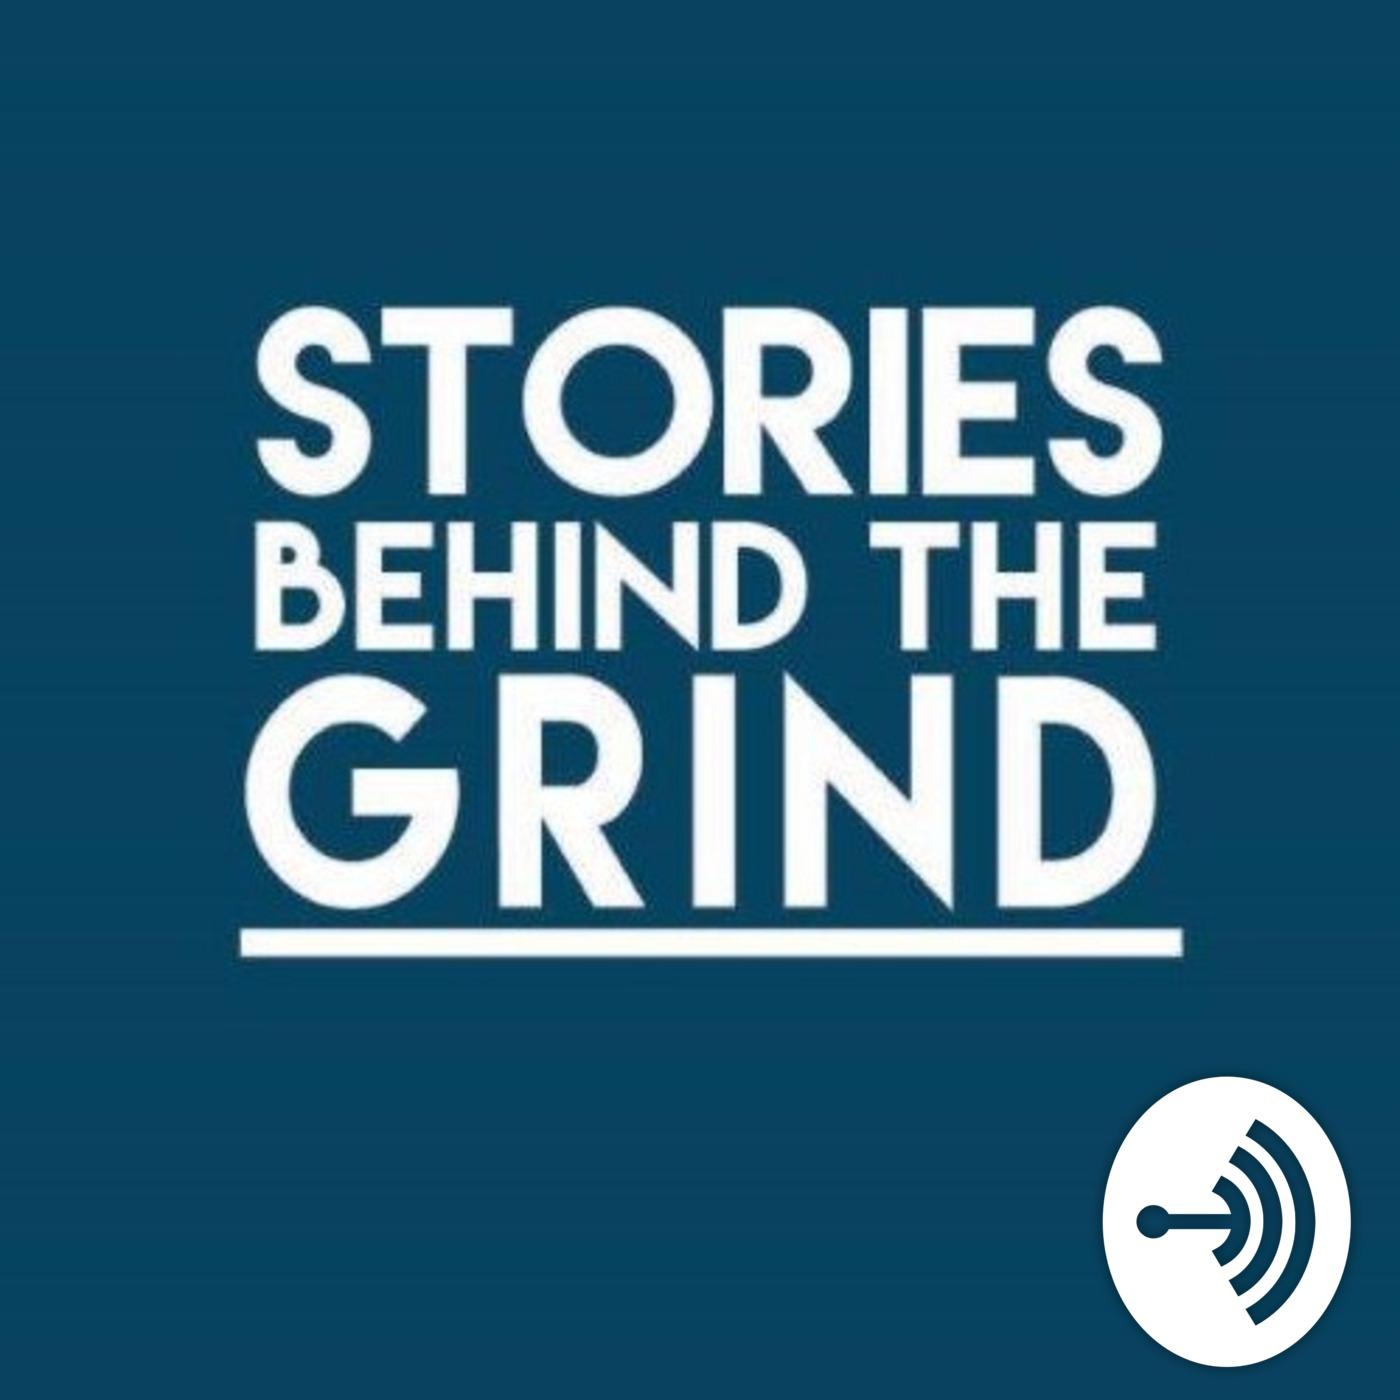 Stories Behind the Grind